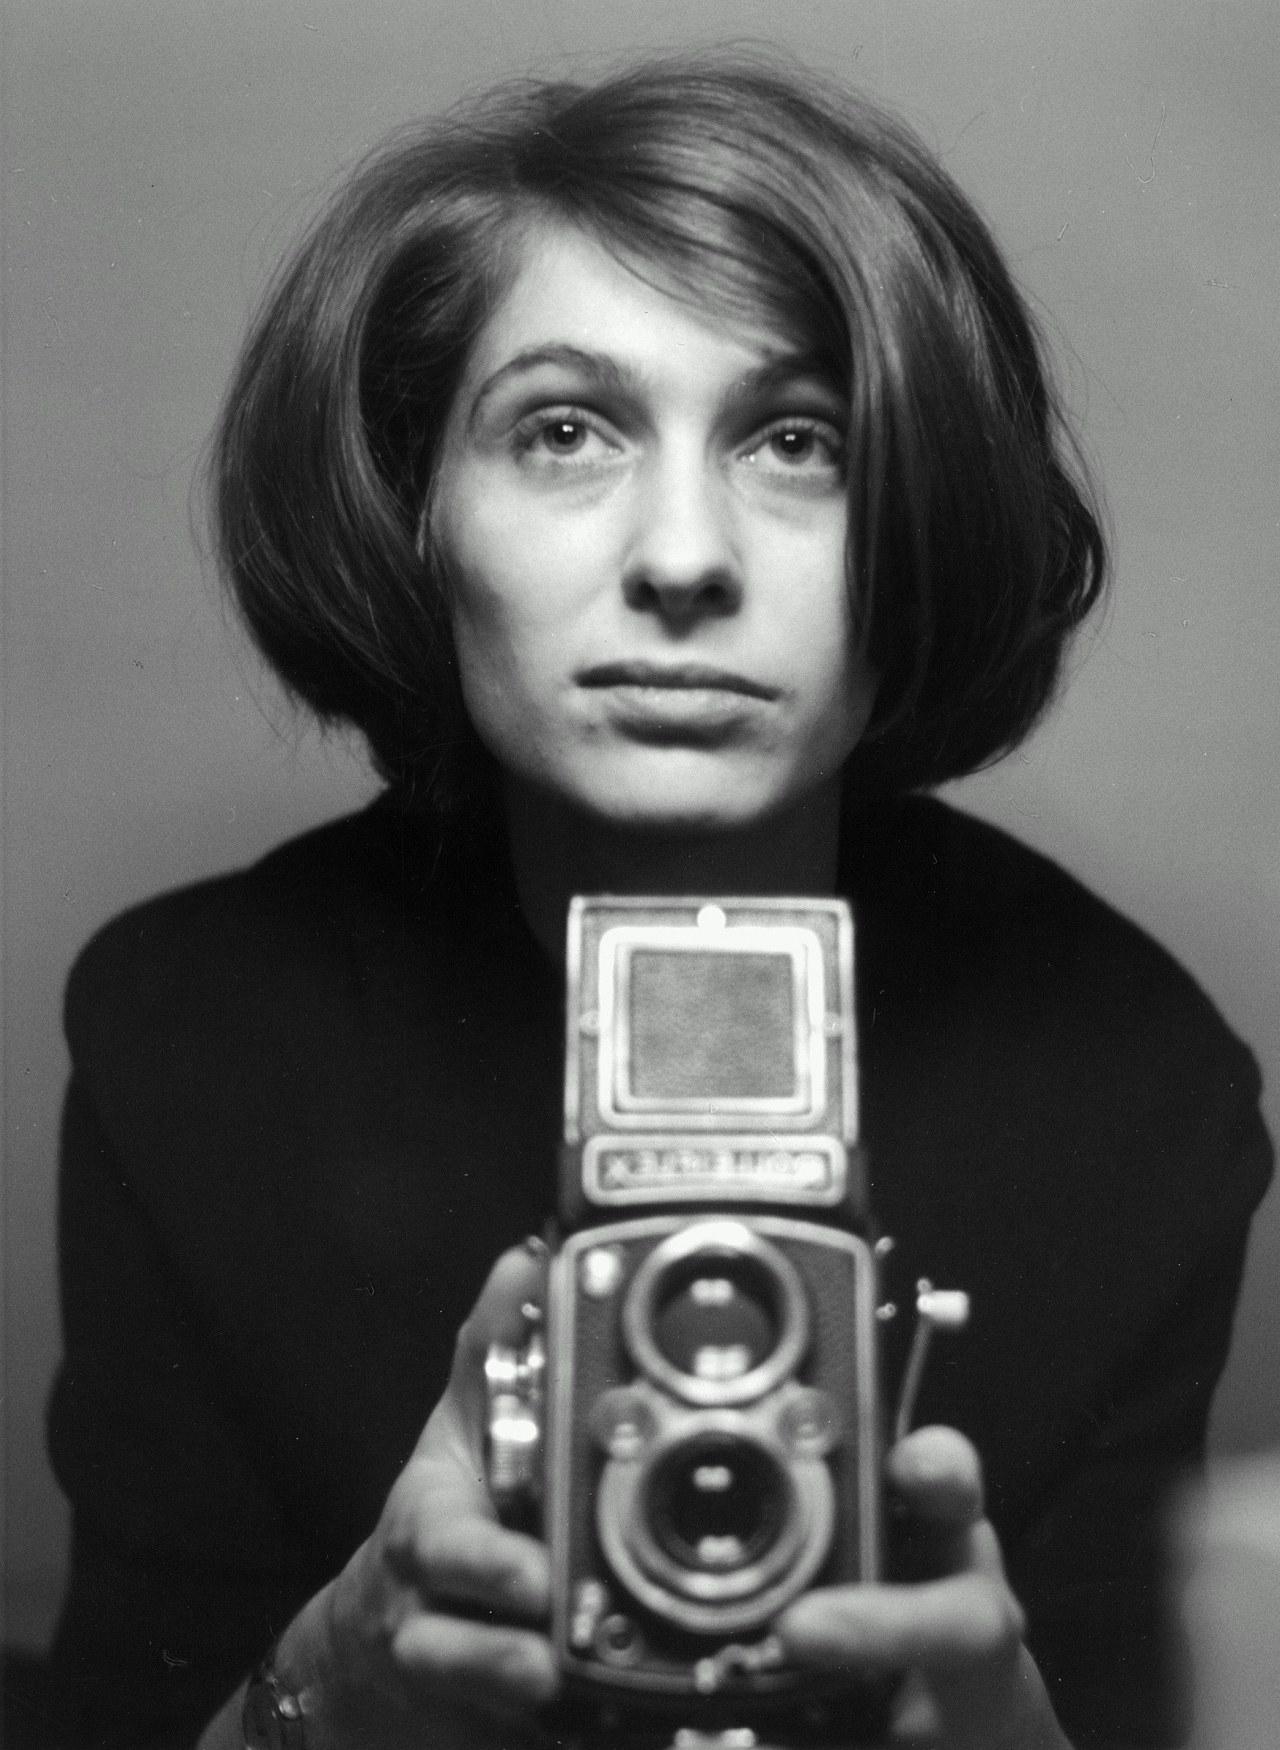 Die Frau mit der Kamera - Abisag Tüllmann - Bild 6